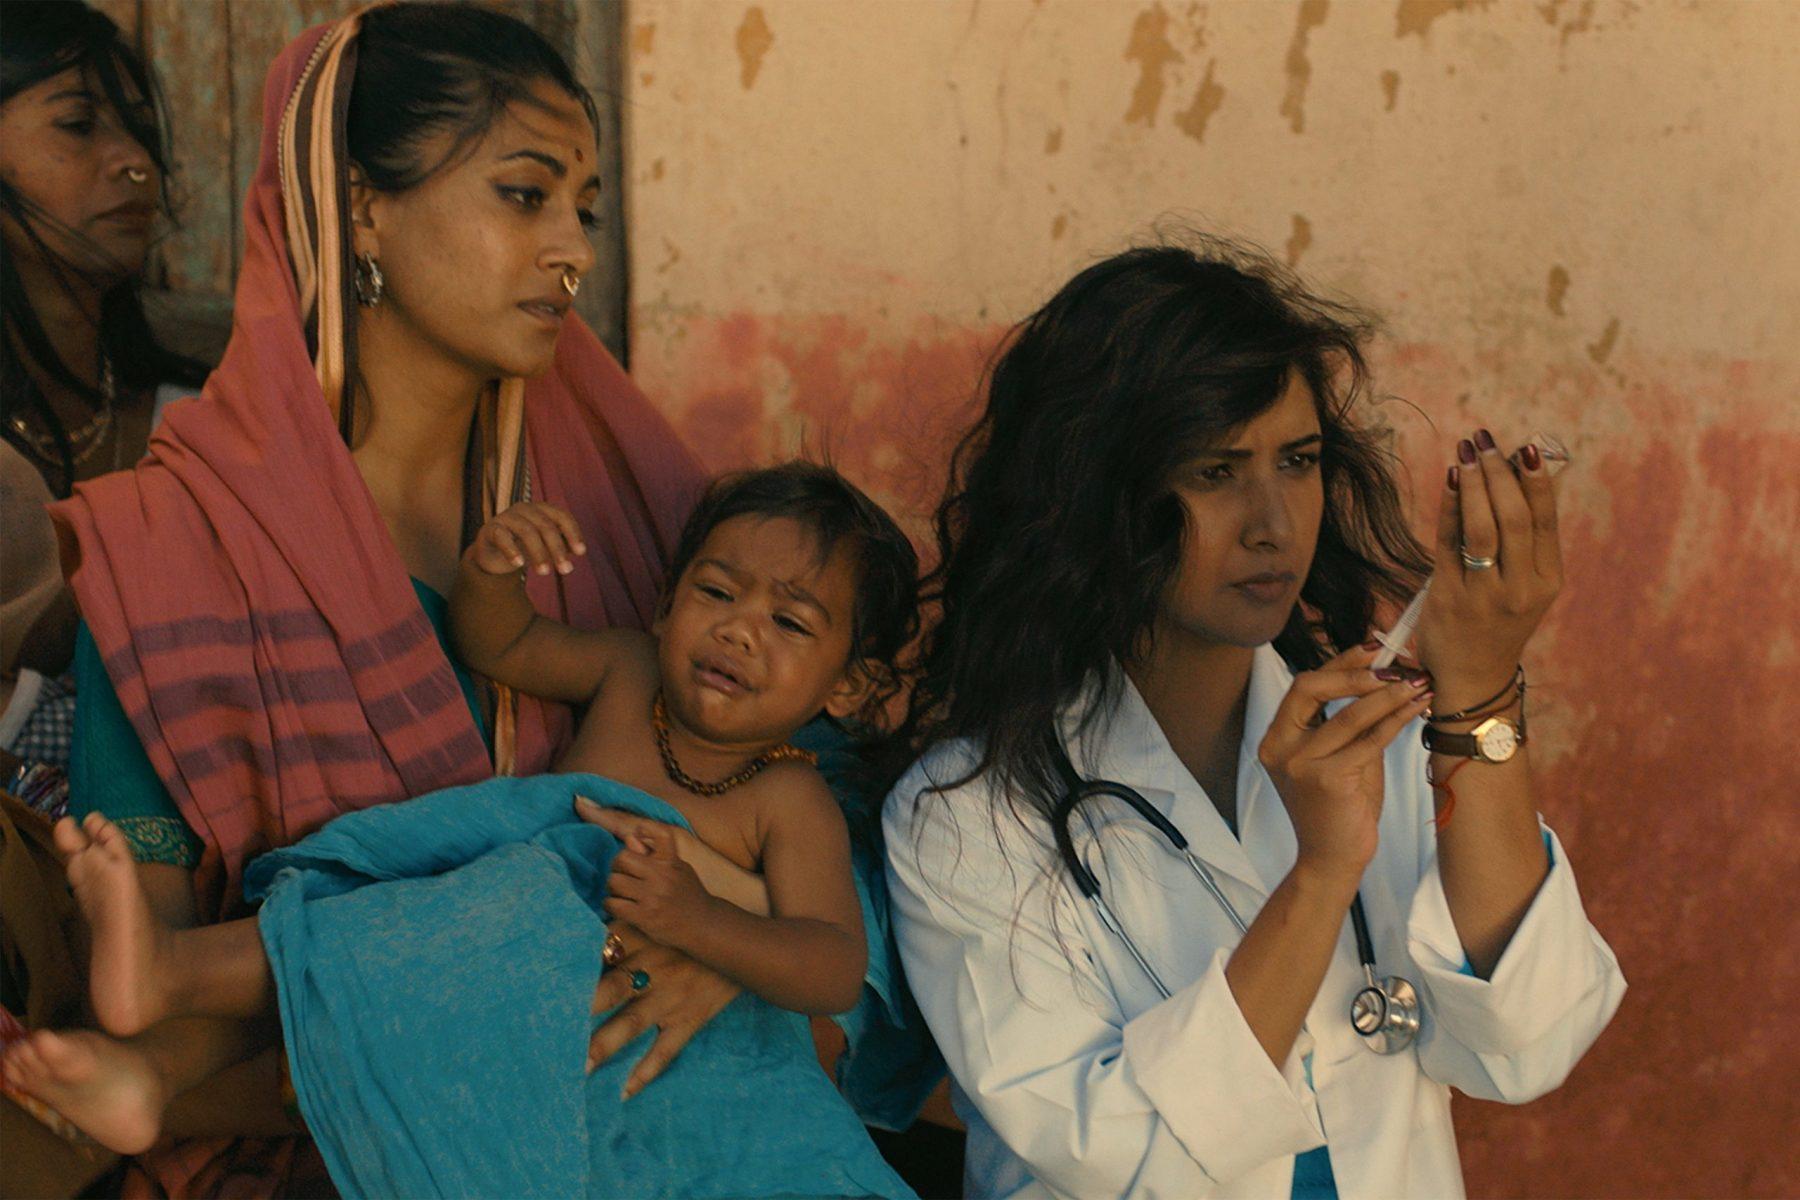 Κορωνοϊός εμβόλιο: Πώς θα εμβολιαστεί ένα δις ανθρώπων